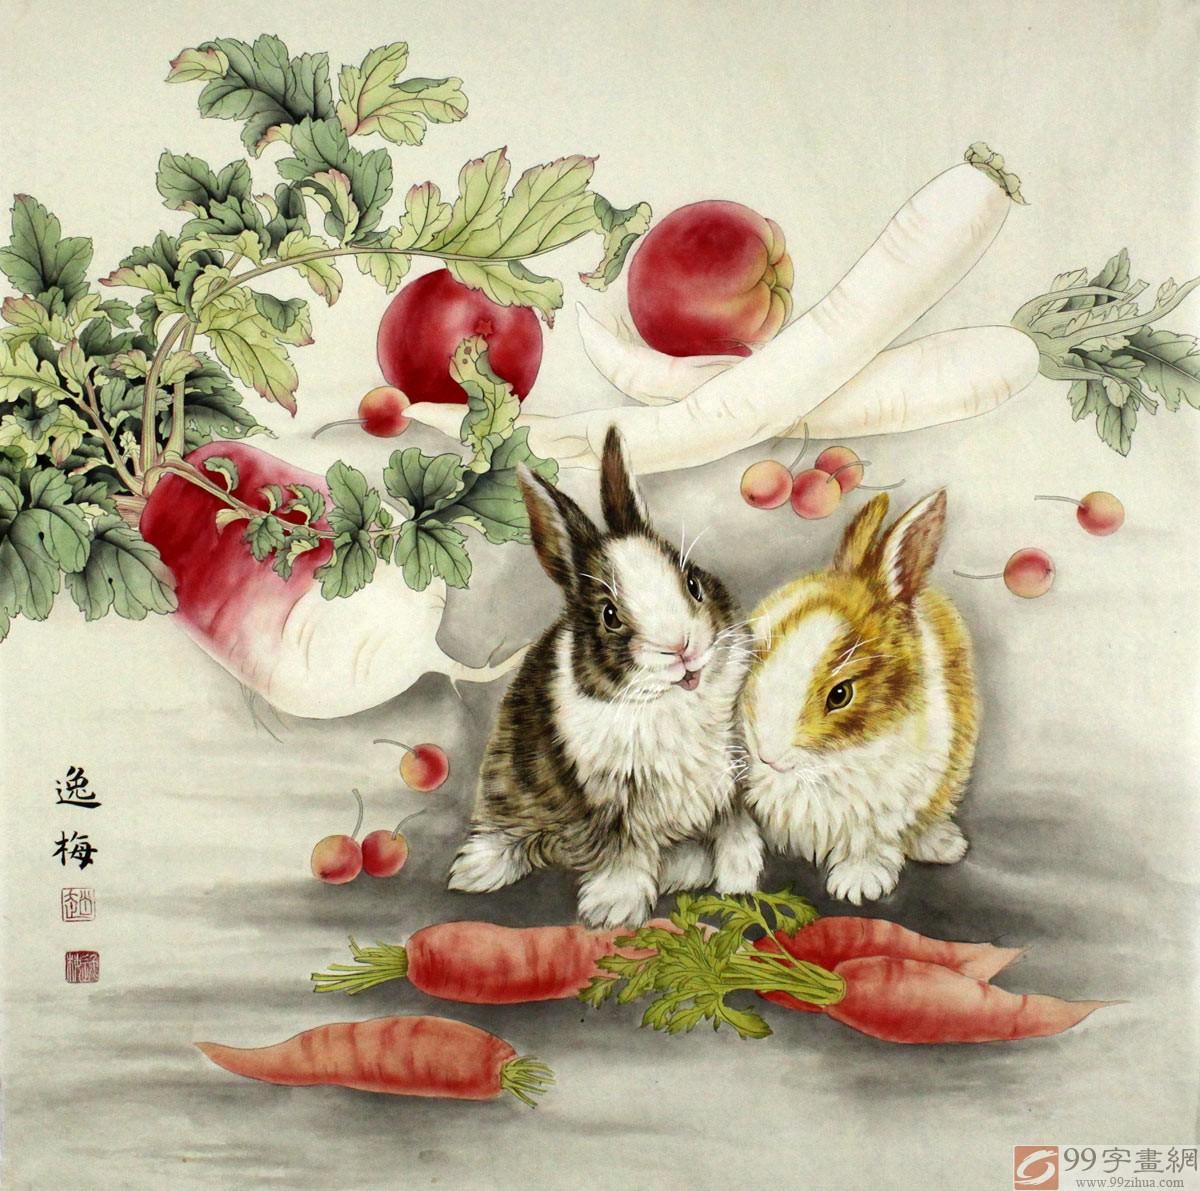 2013迎新春-赵逸梅工笔花鸟画展在山东开幕图片